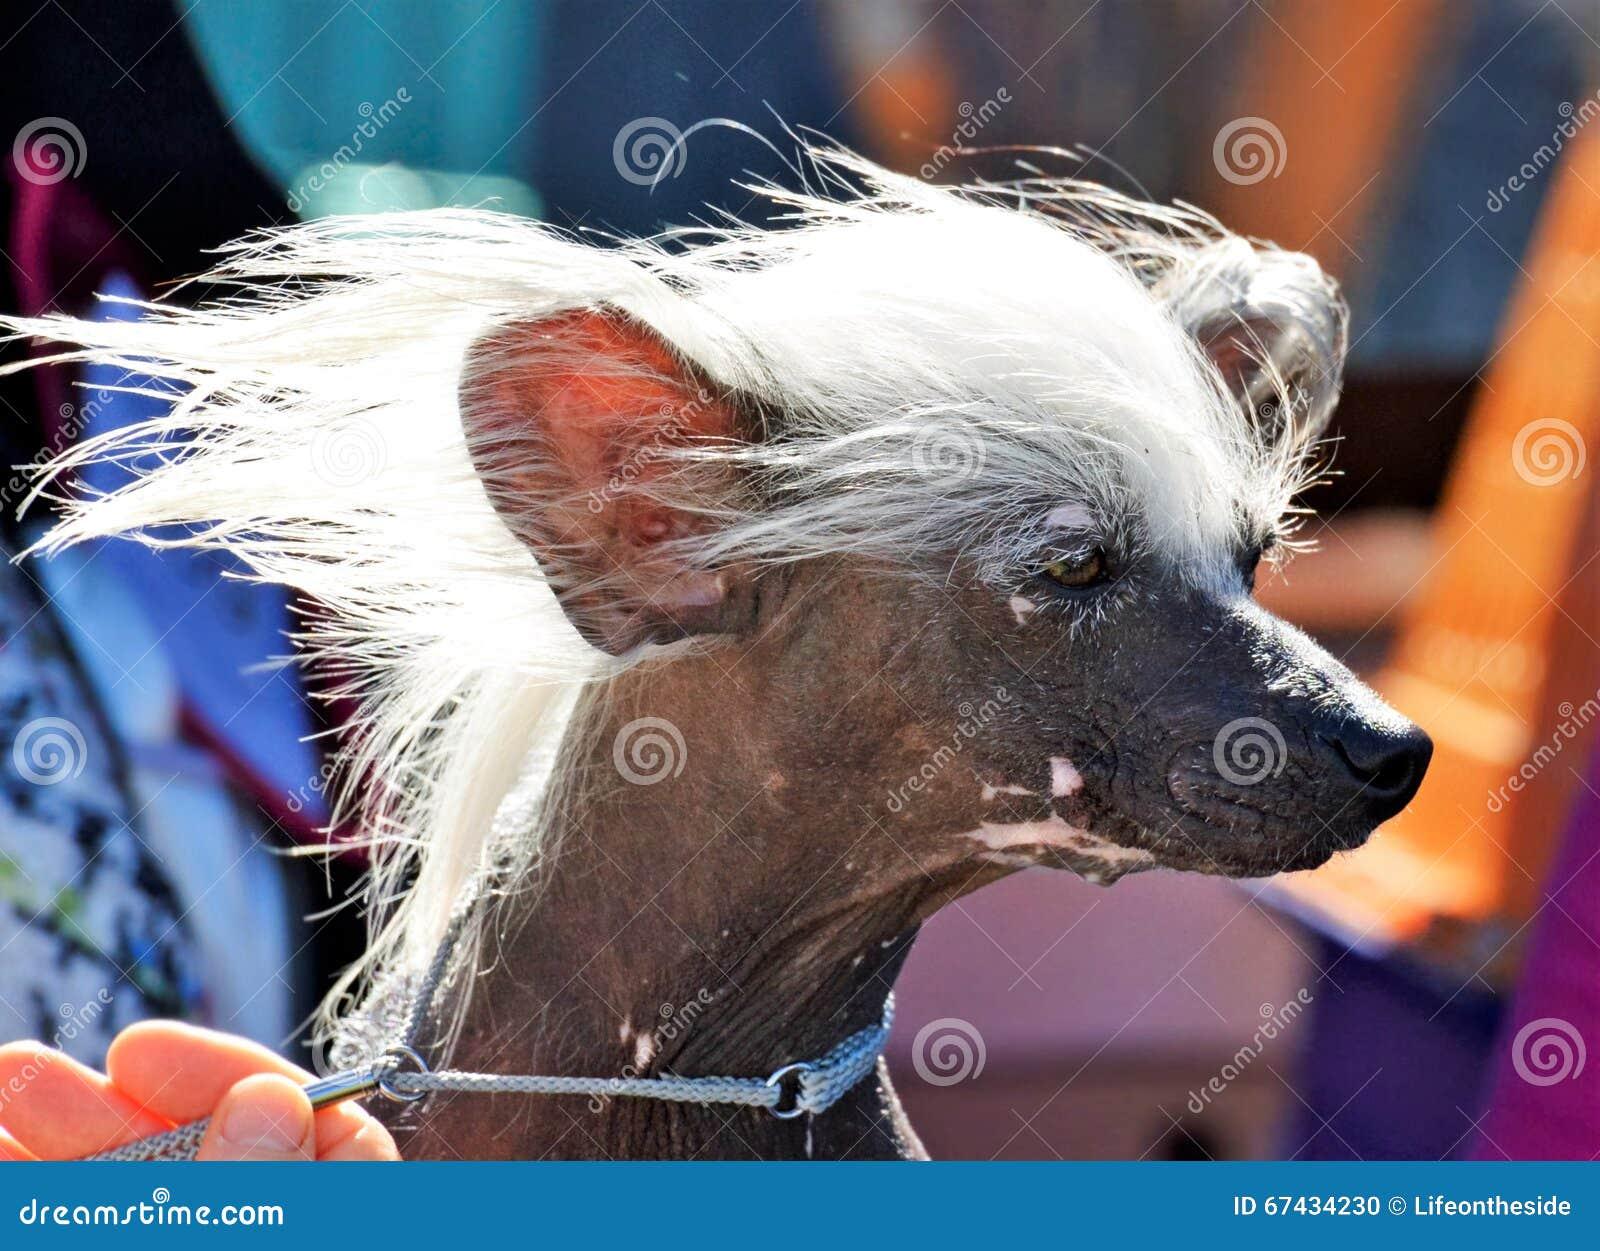 Kampioens Chinese toont Kuif het hond witte haar in wind klaar om te gaan in ring toont